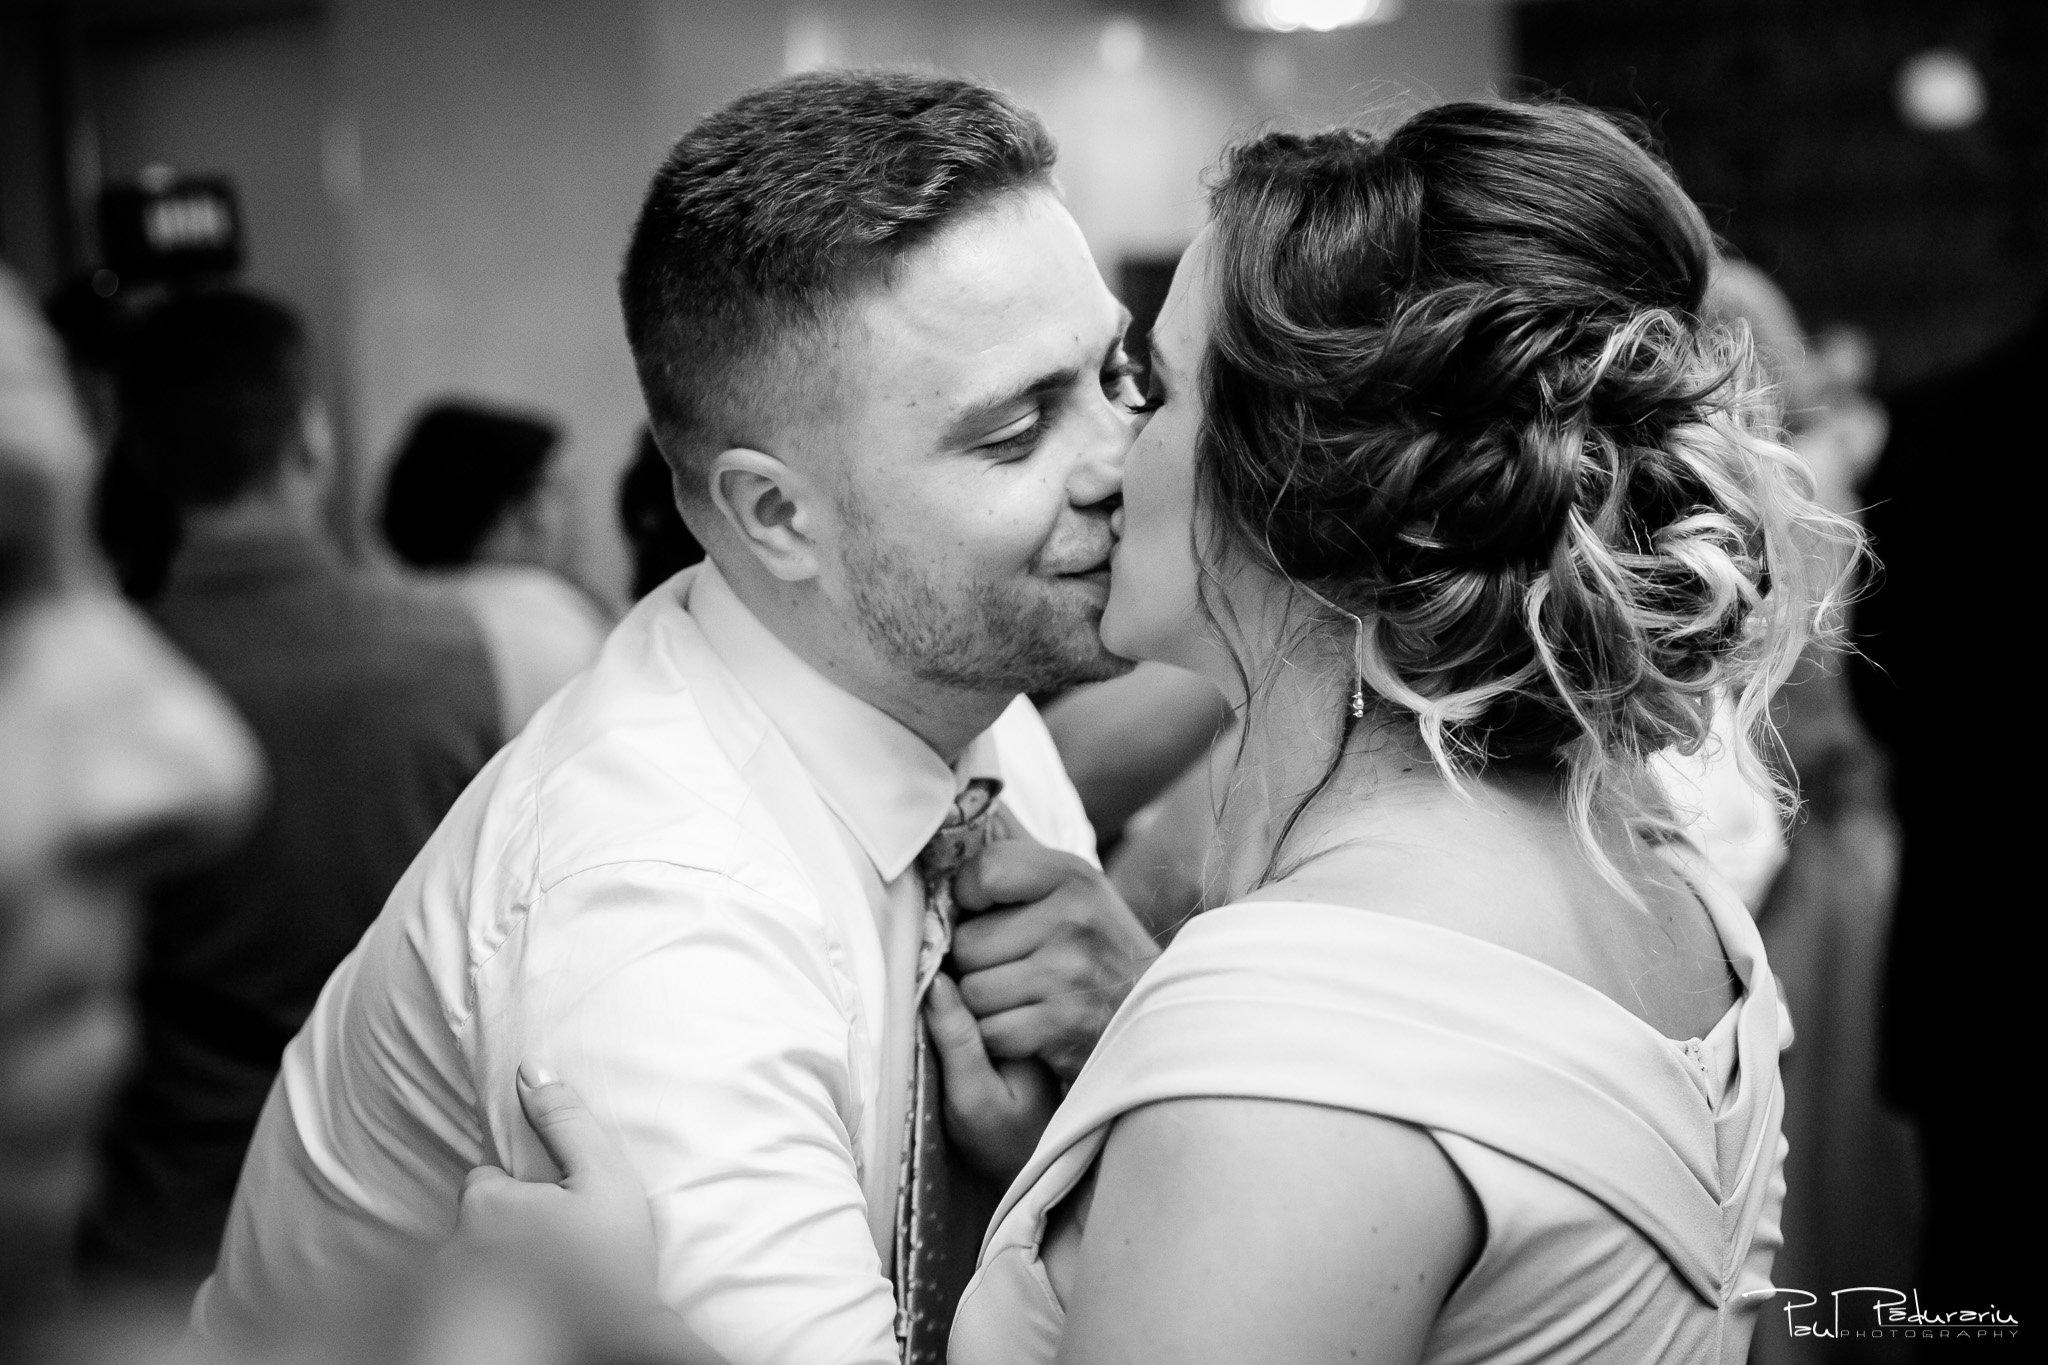 Sarut miri Ariadna si Iulian petrecere nunta Iasi www.paulpadurariu.ro © 2017 Paul Padurariu